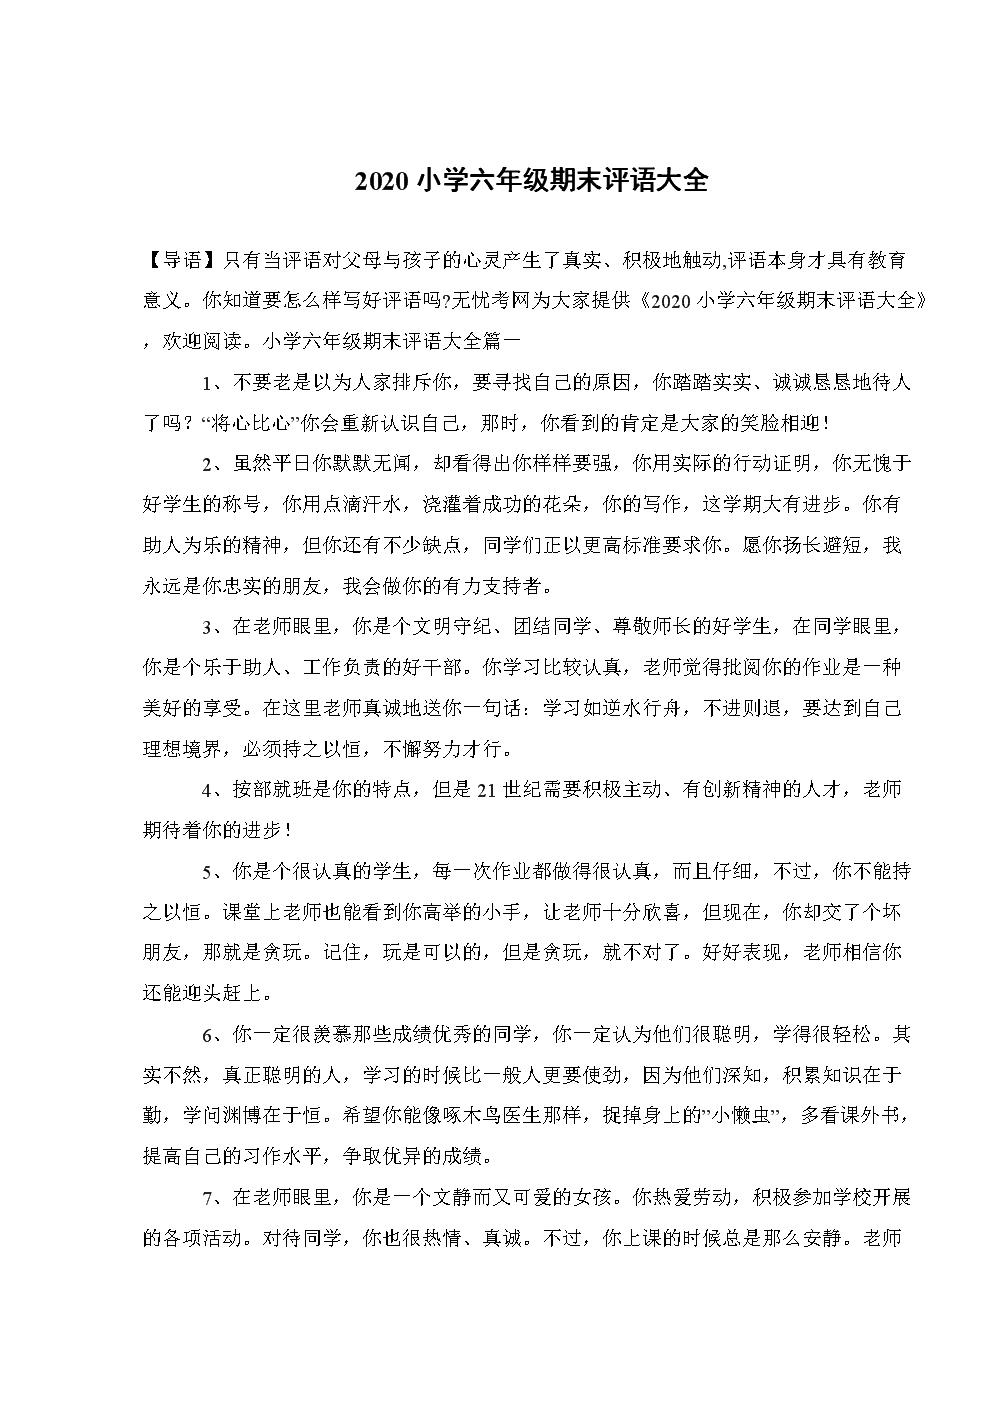 2020小学六年级期末评语大全.doc